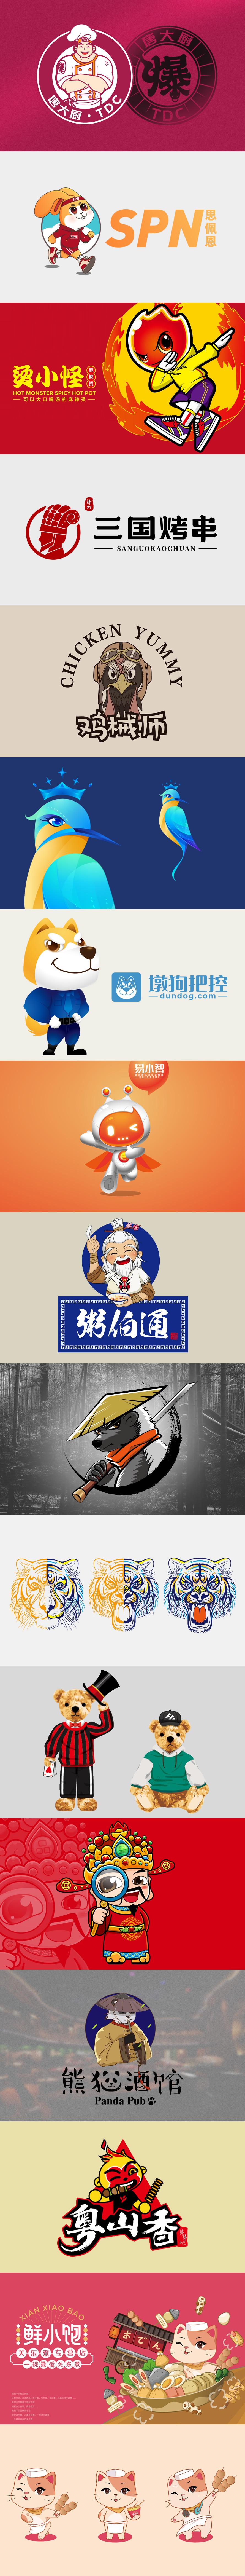 _手绘公司IP吉祥物卡通形象logo设计人物公仔设计插画可注册8